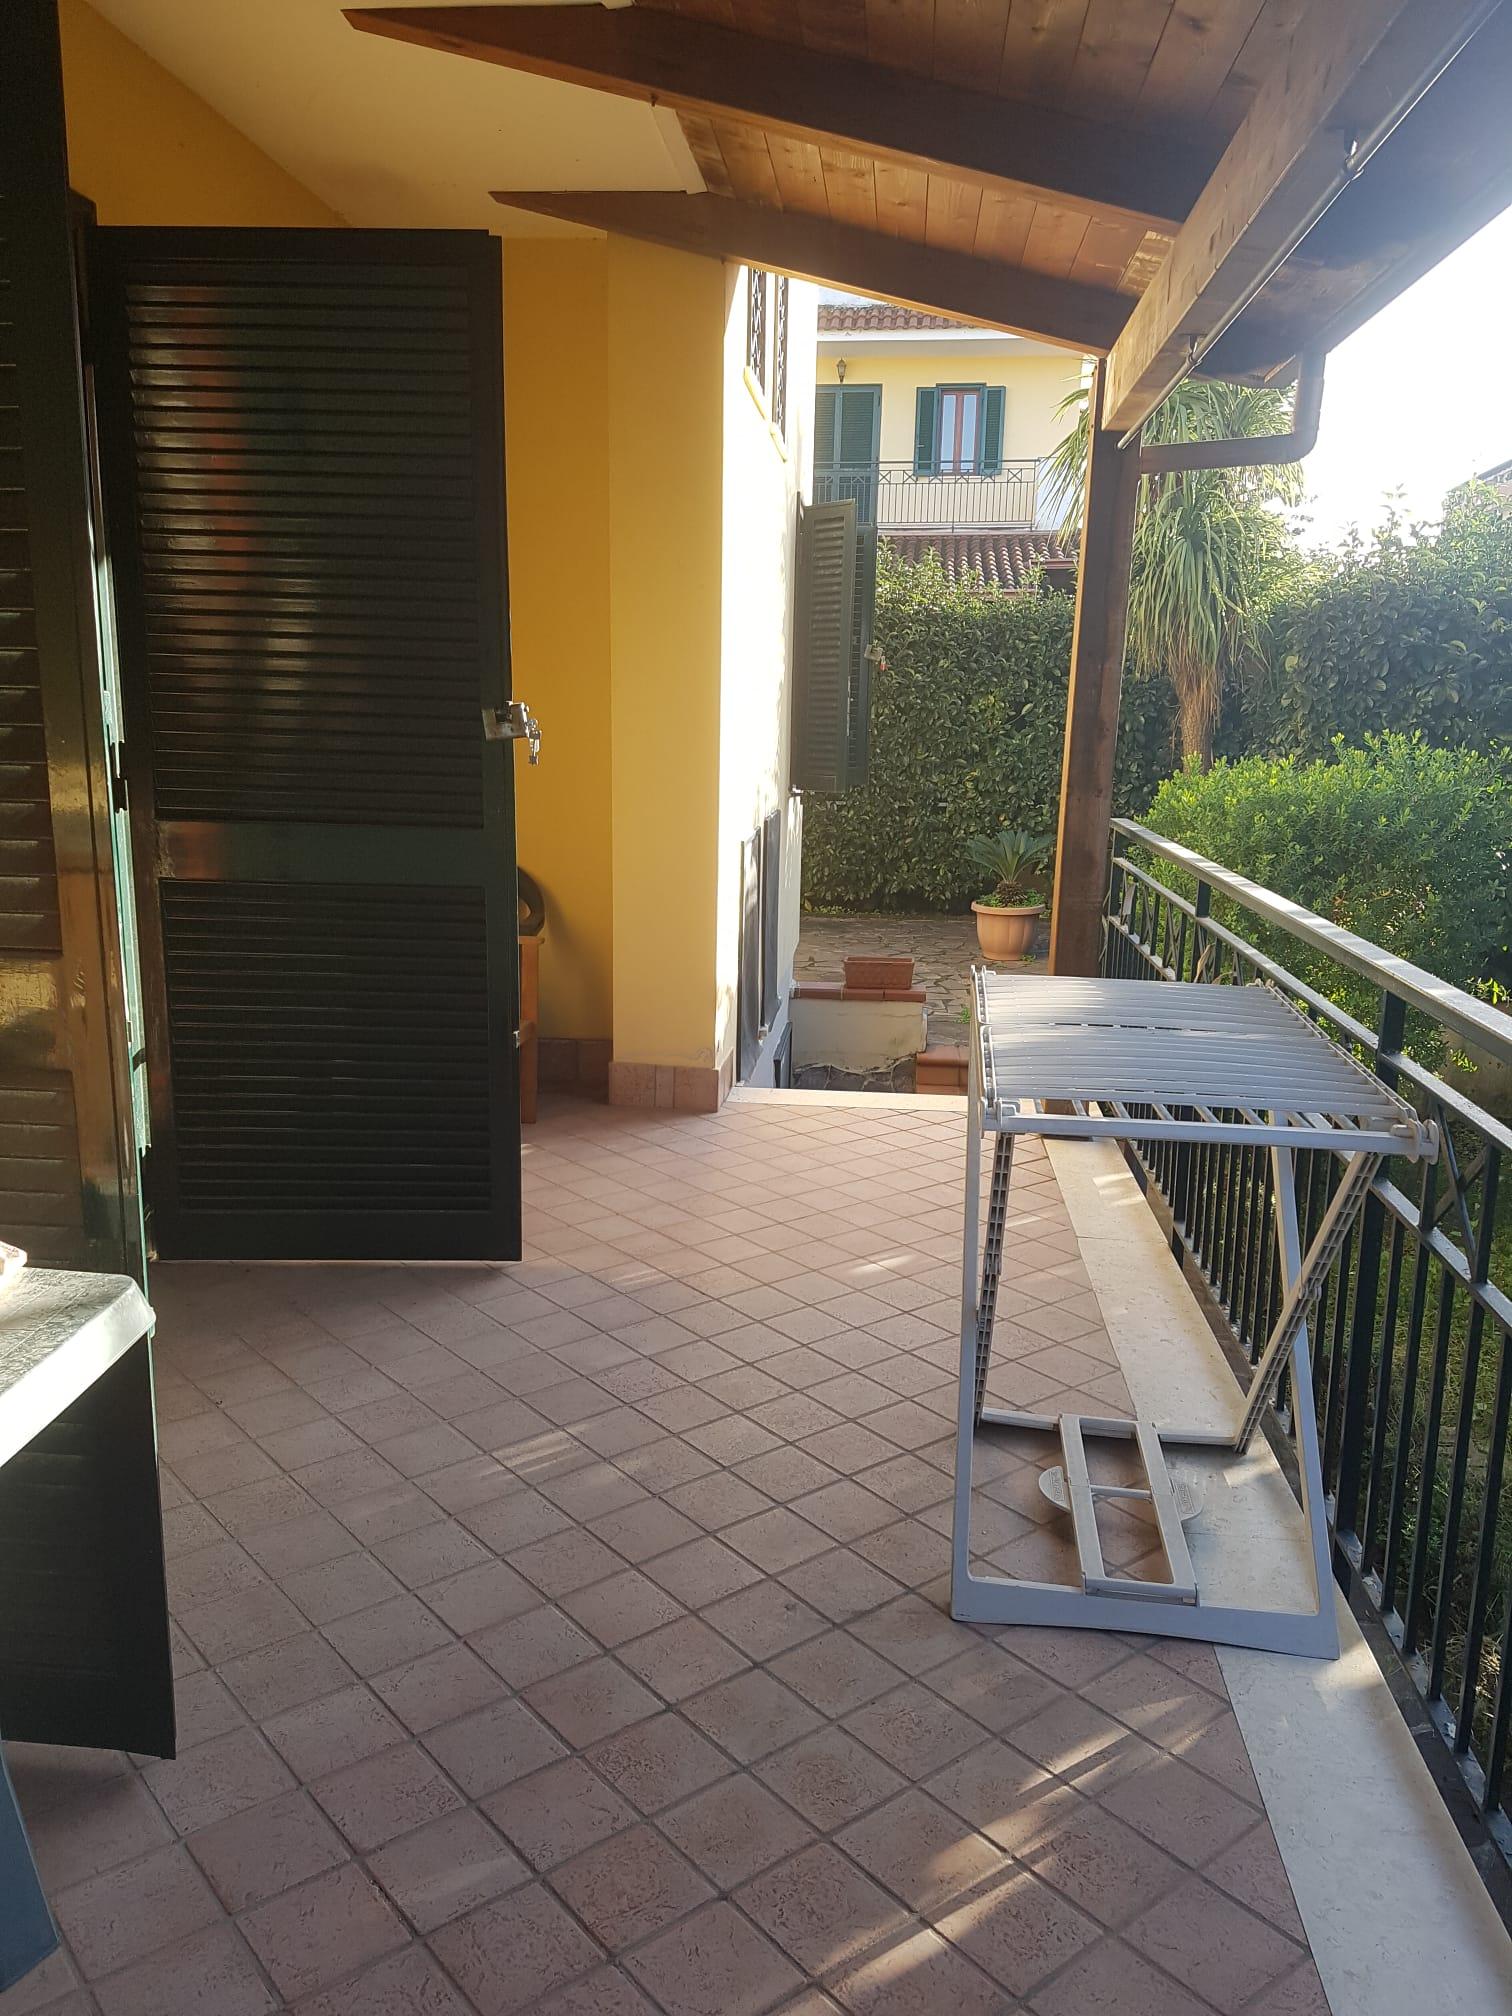 VILLA SINGOLA IN PARCO Licola-Masseria Vecchia Rif 37230